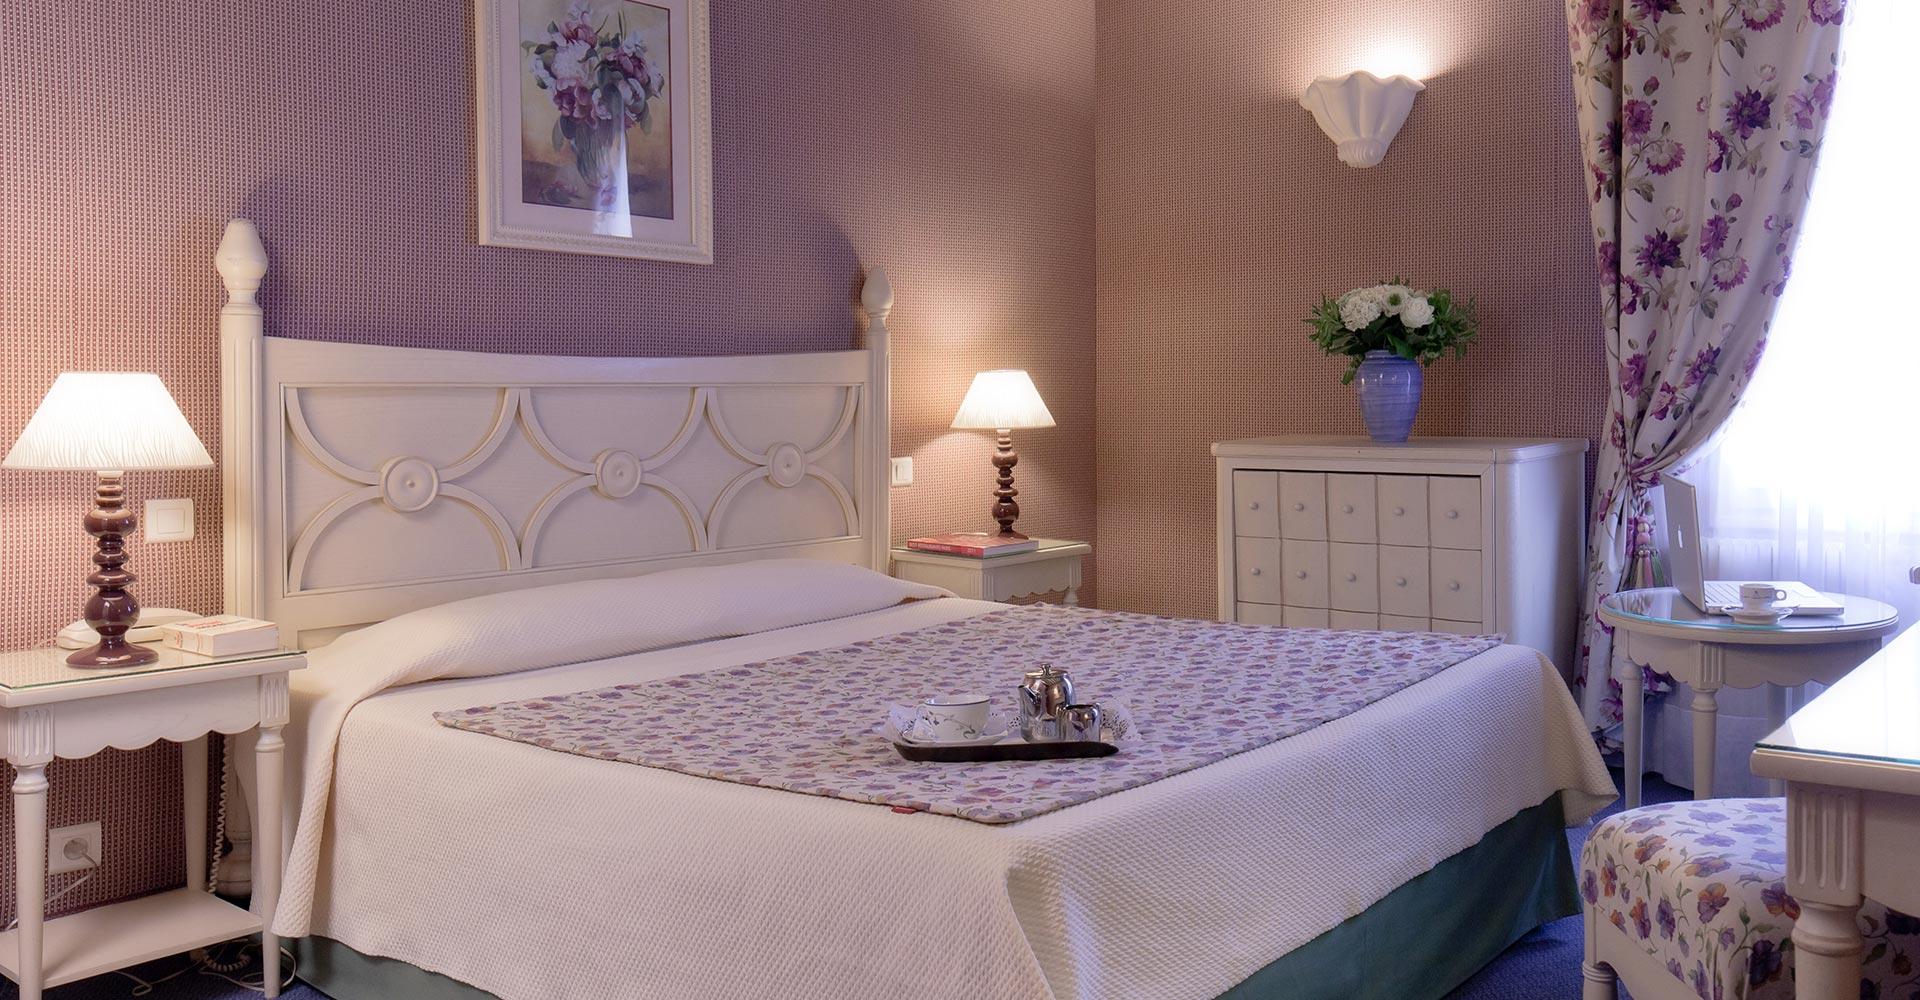 hotel_beaubourg_paris_marais_double_superieure25